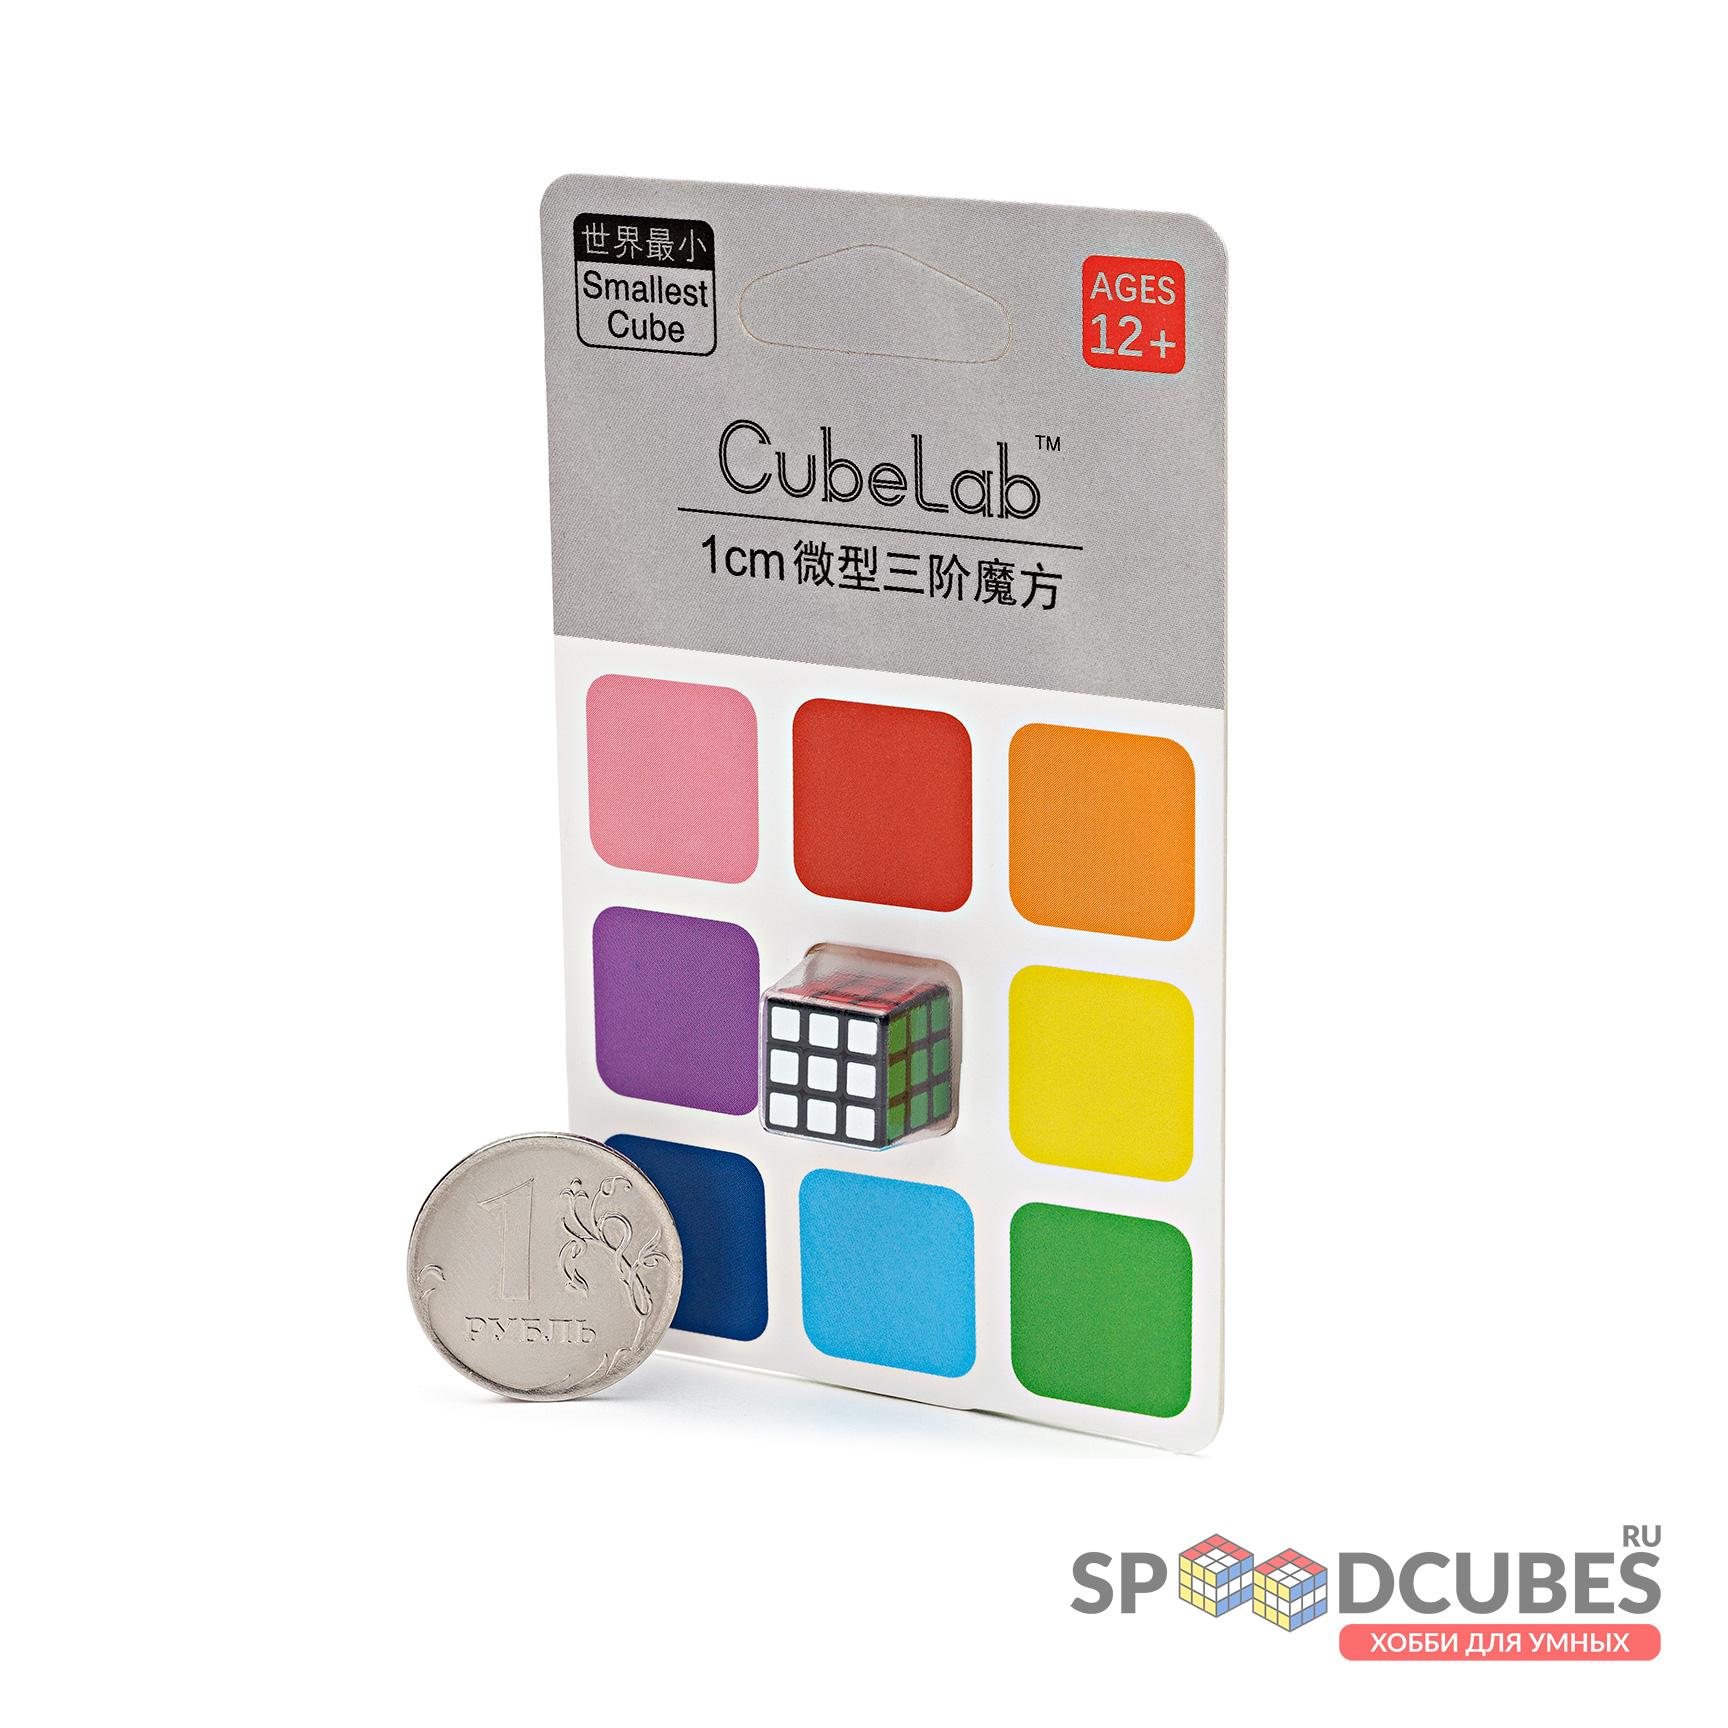 CubeLab 3x3 10 Mm